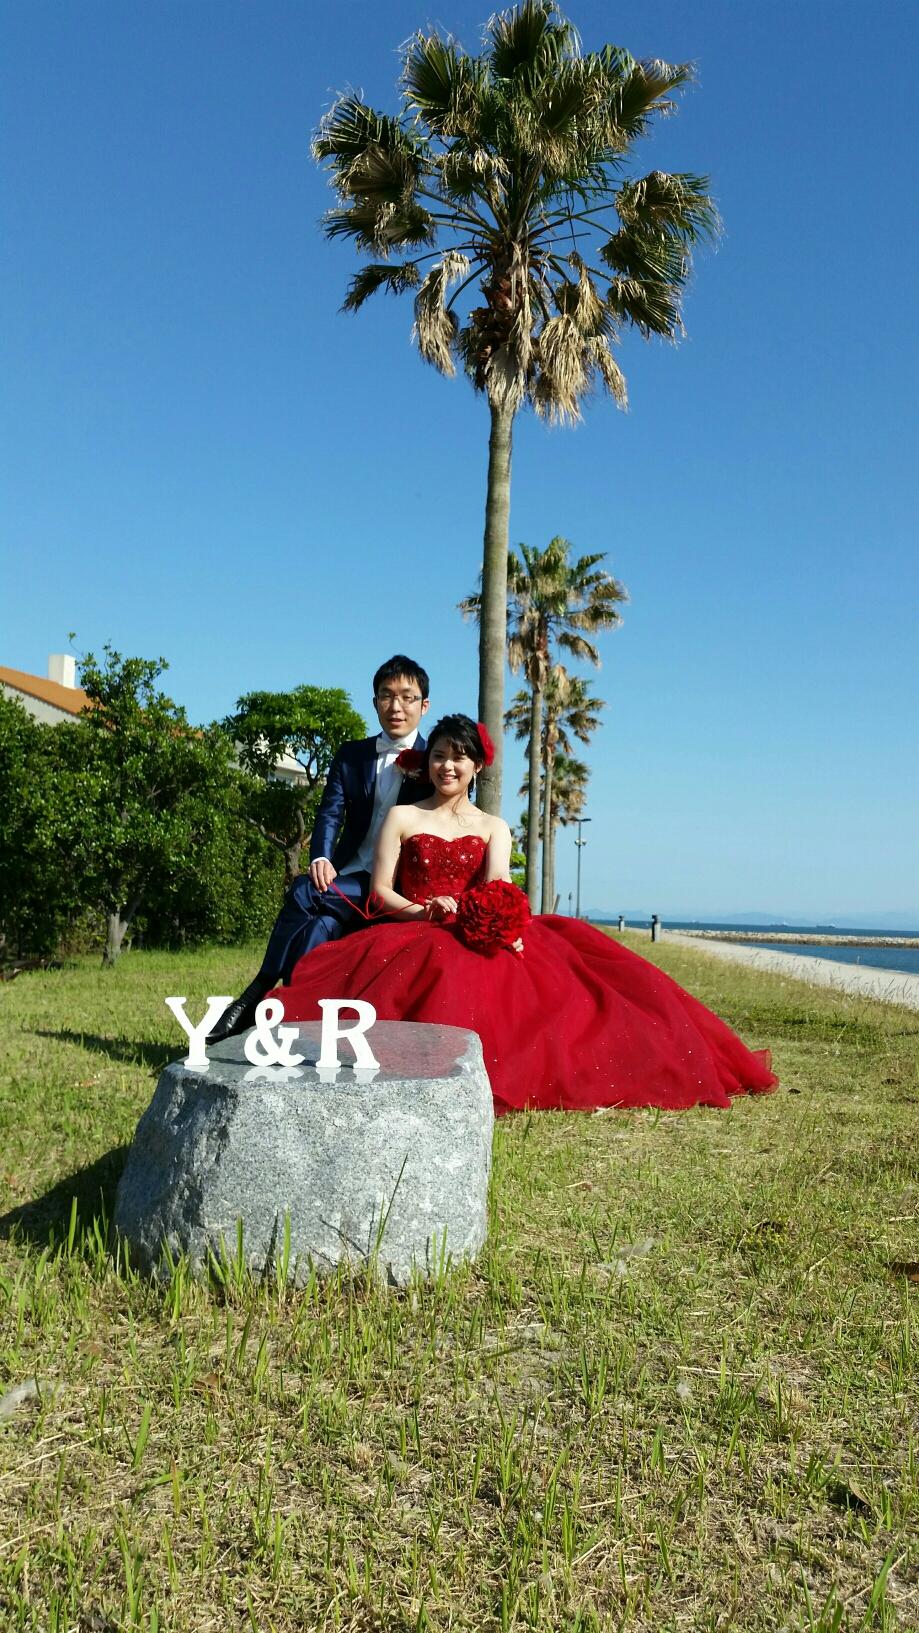 お天気もとっても良く、赤いdressが素敵でした✨